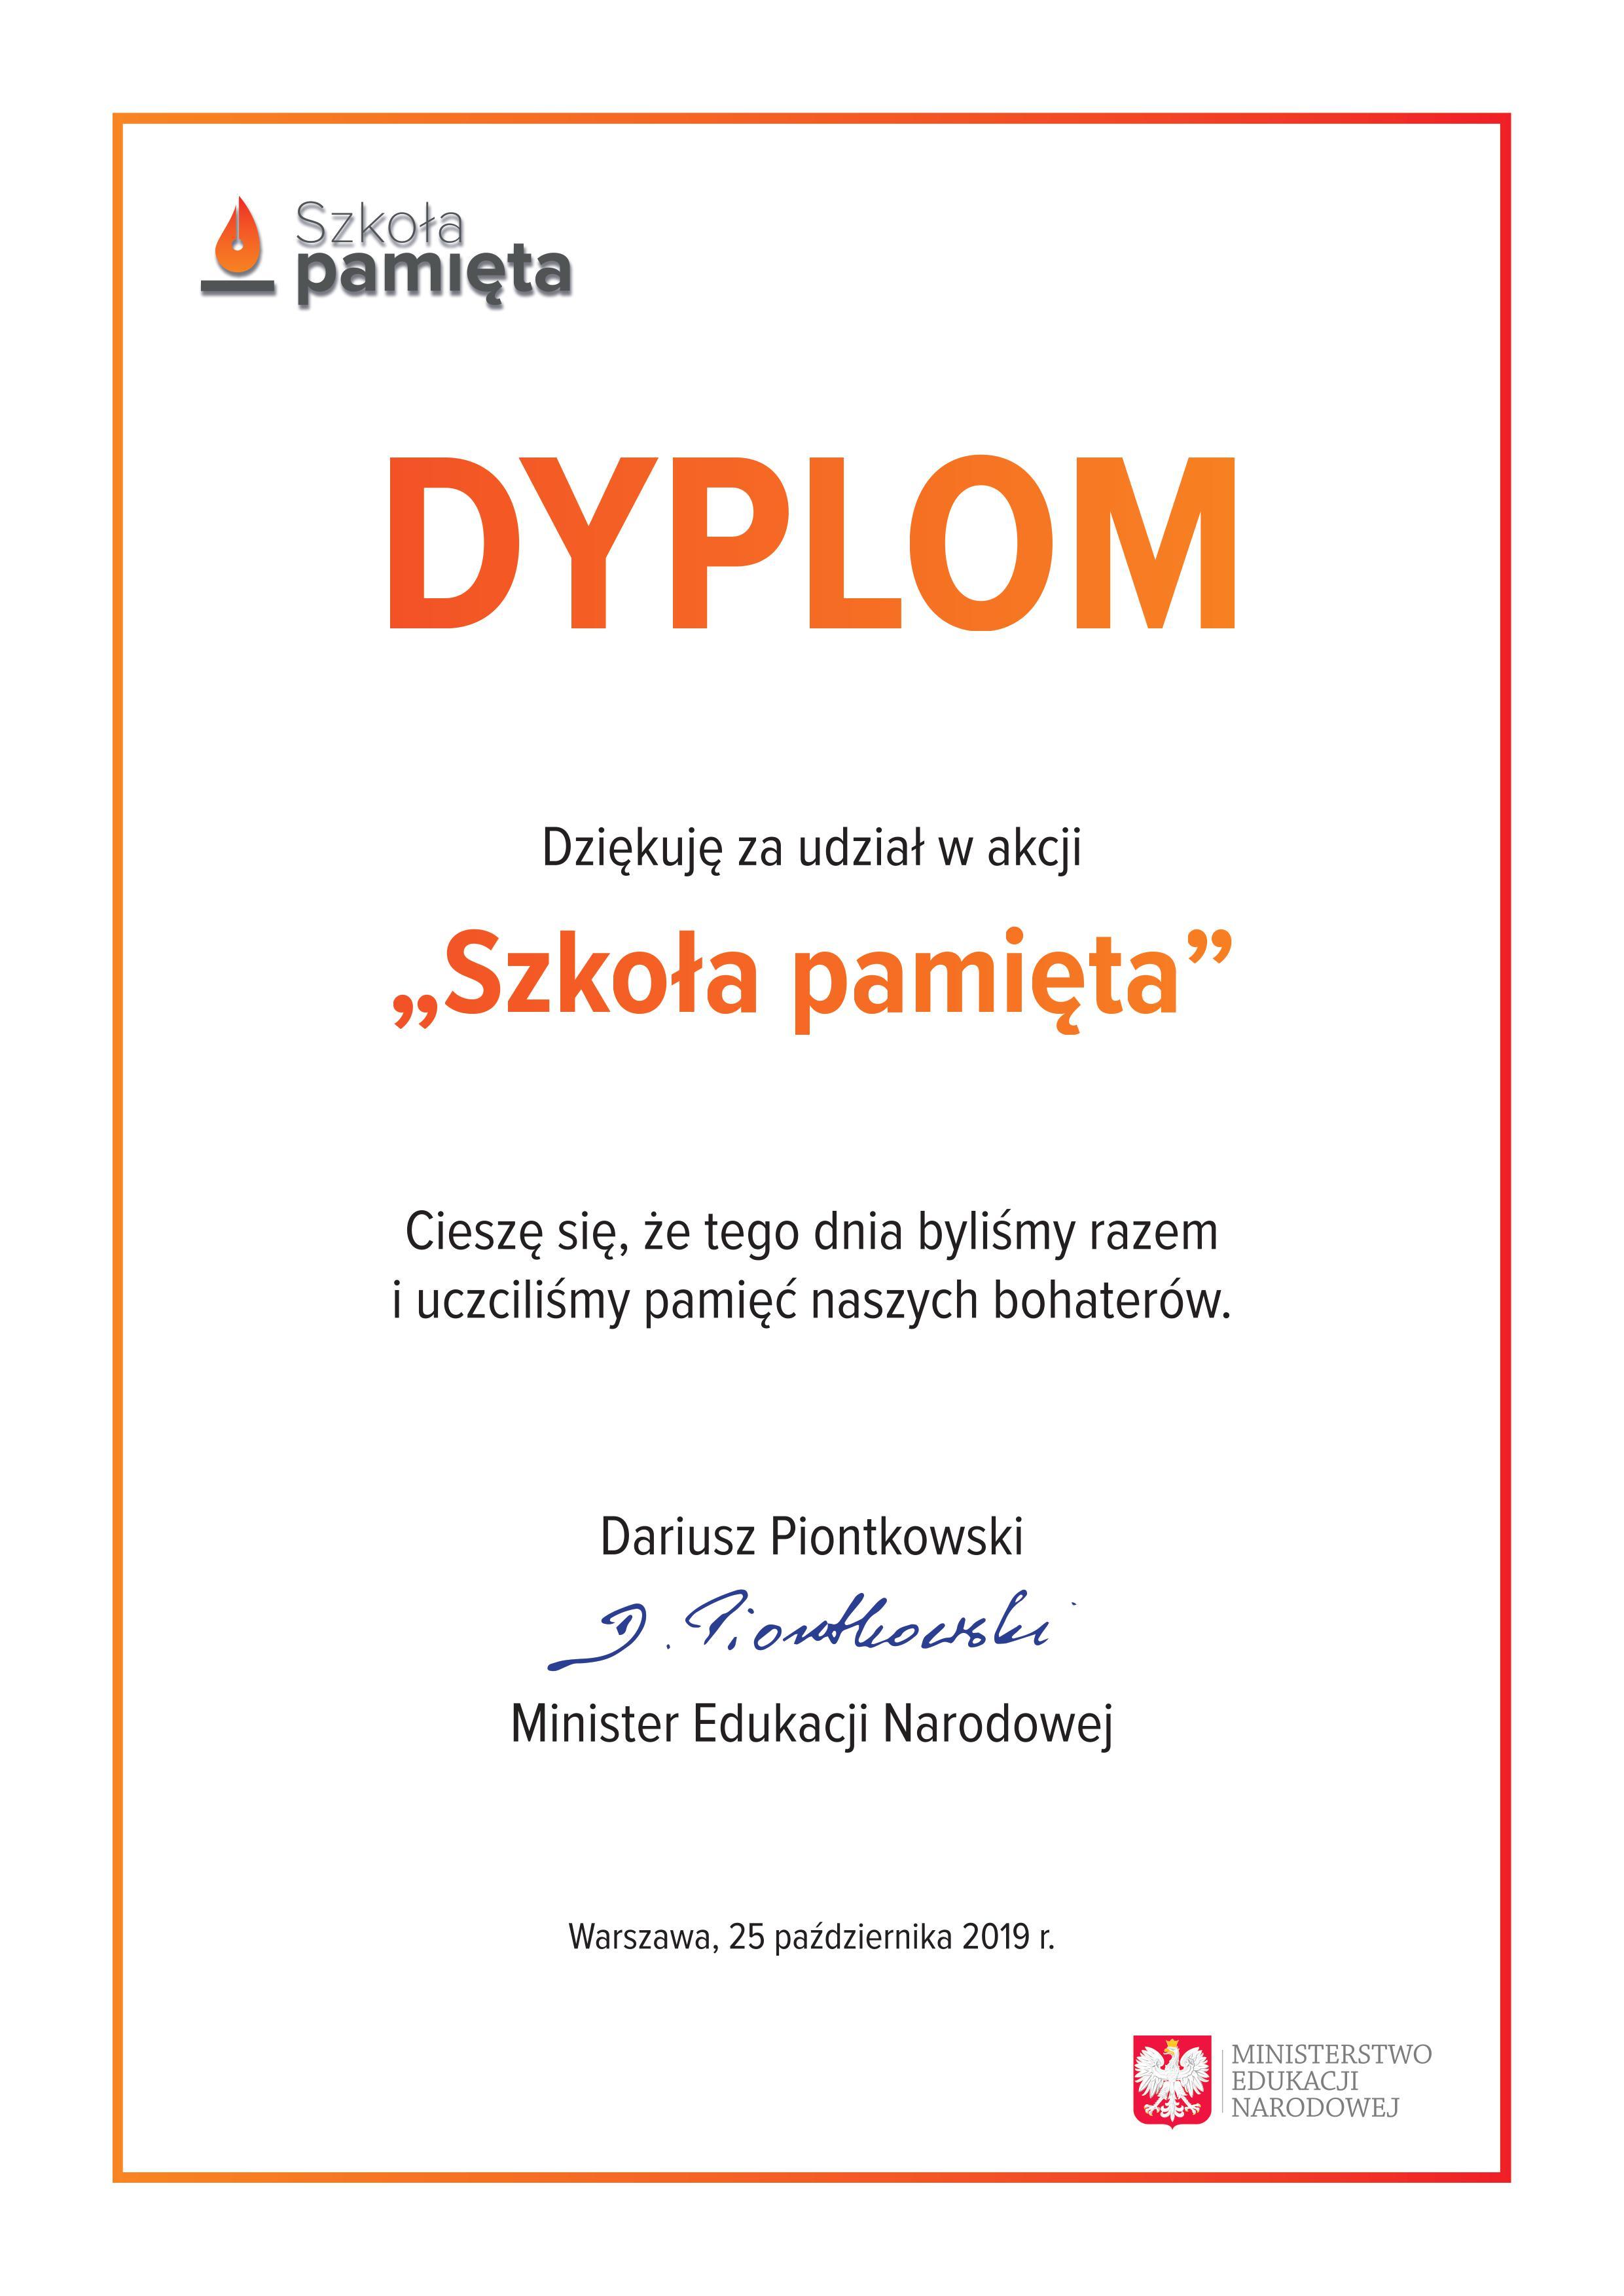 """Mamy dyplom za udział w akcji """"Szkoła pamięta""""!"""